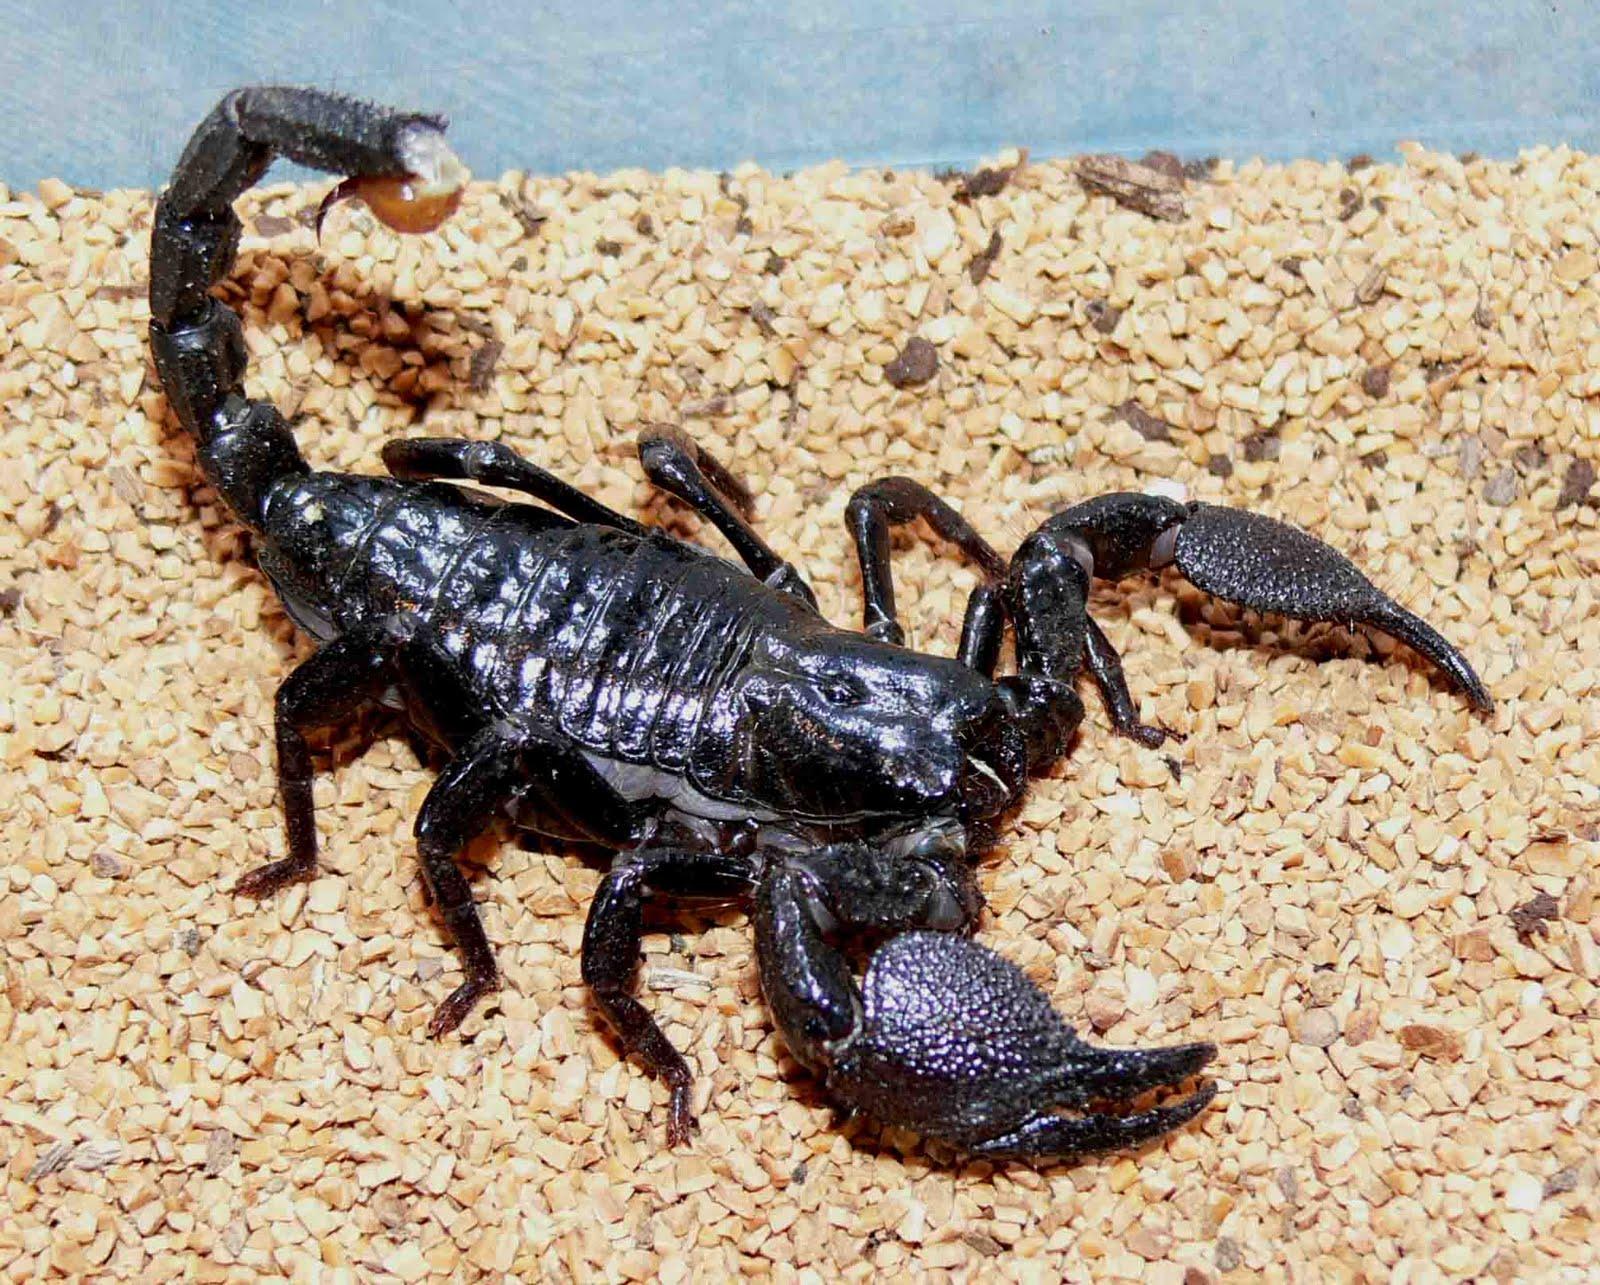 King scorpion animal - photo#7